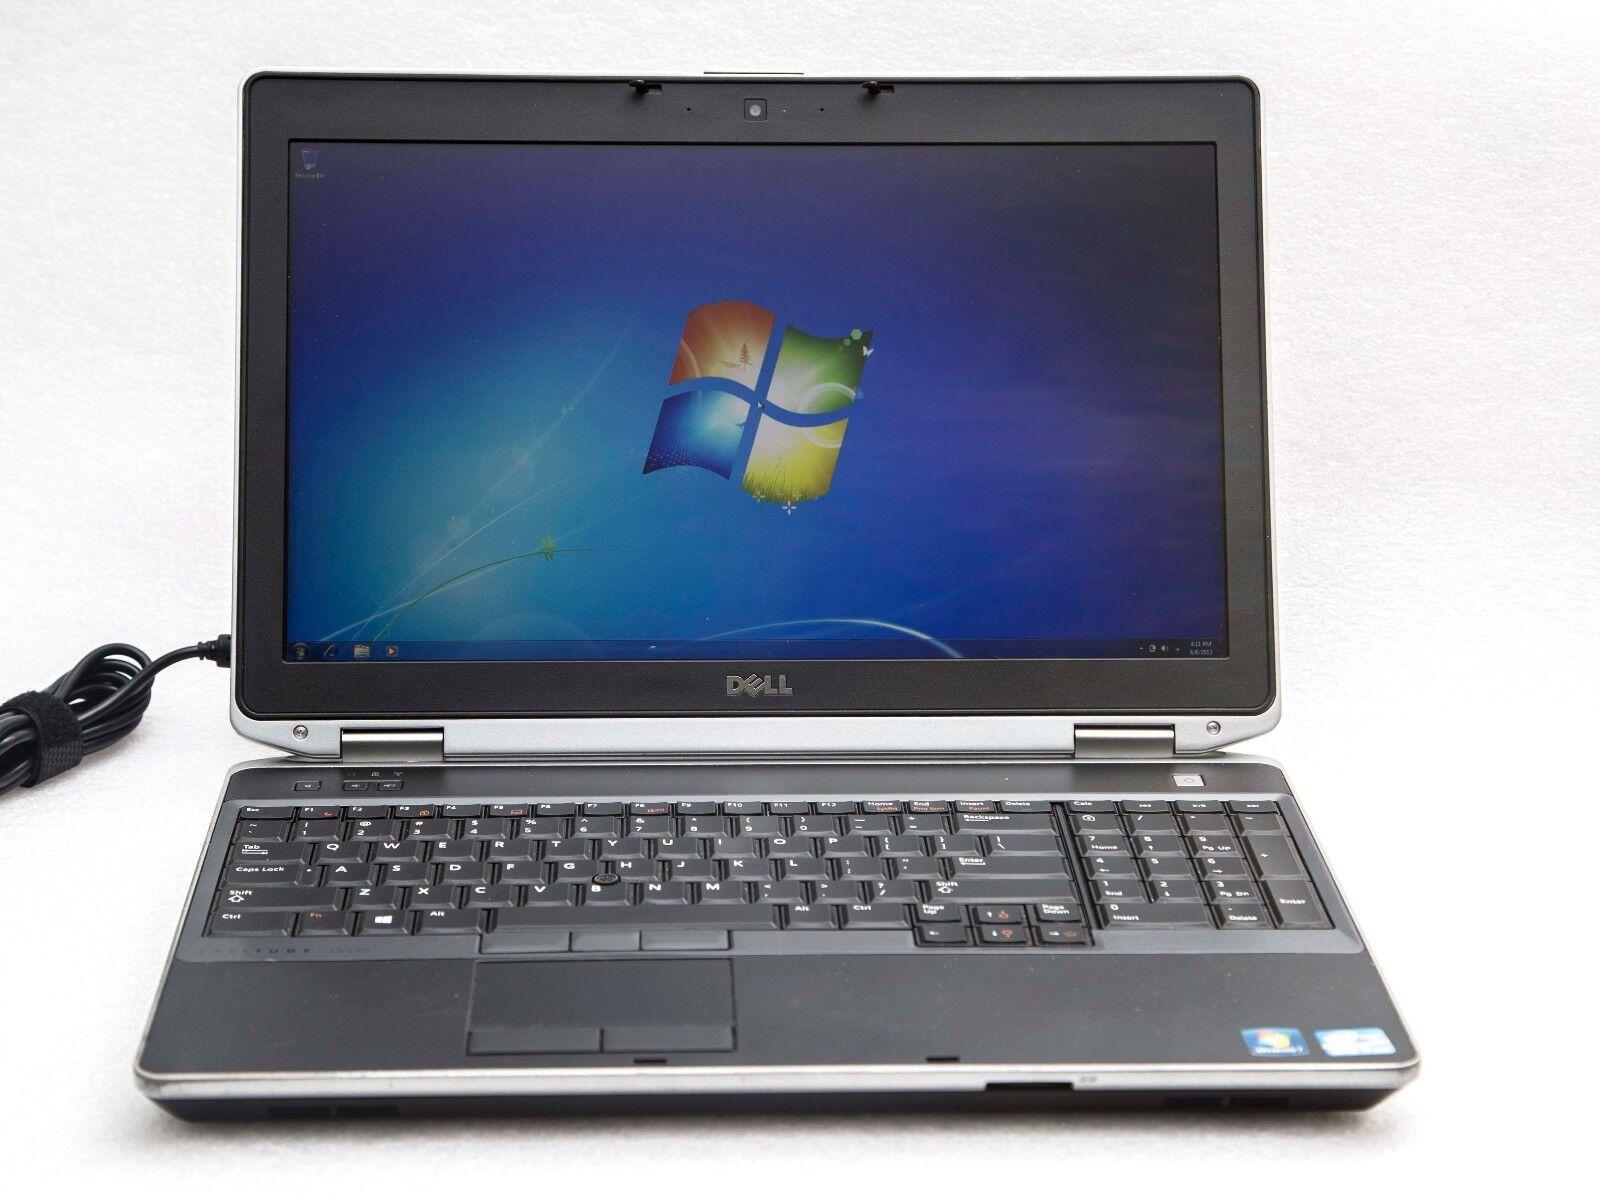 """Dell Latitude E6530 15.6"""" Core i5-3230M 2.6GHz 8GB 256GB SSD HDMI Win 7 Laptop"""